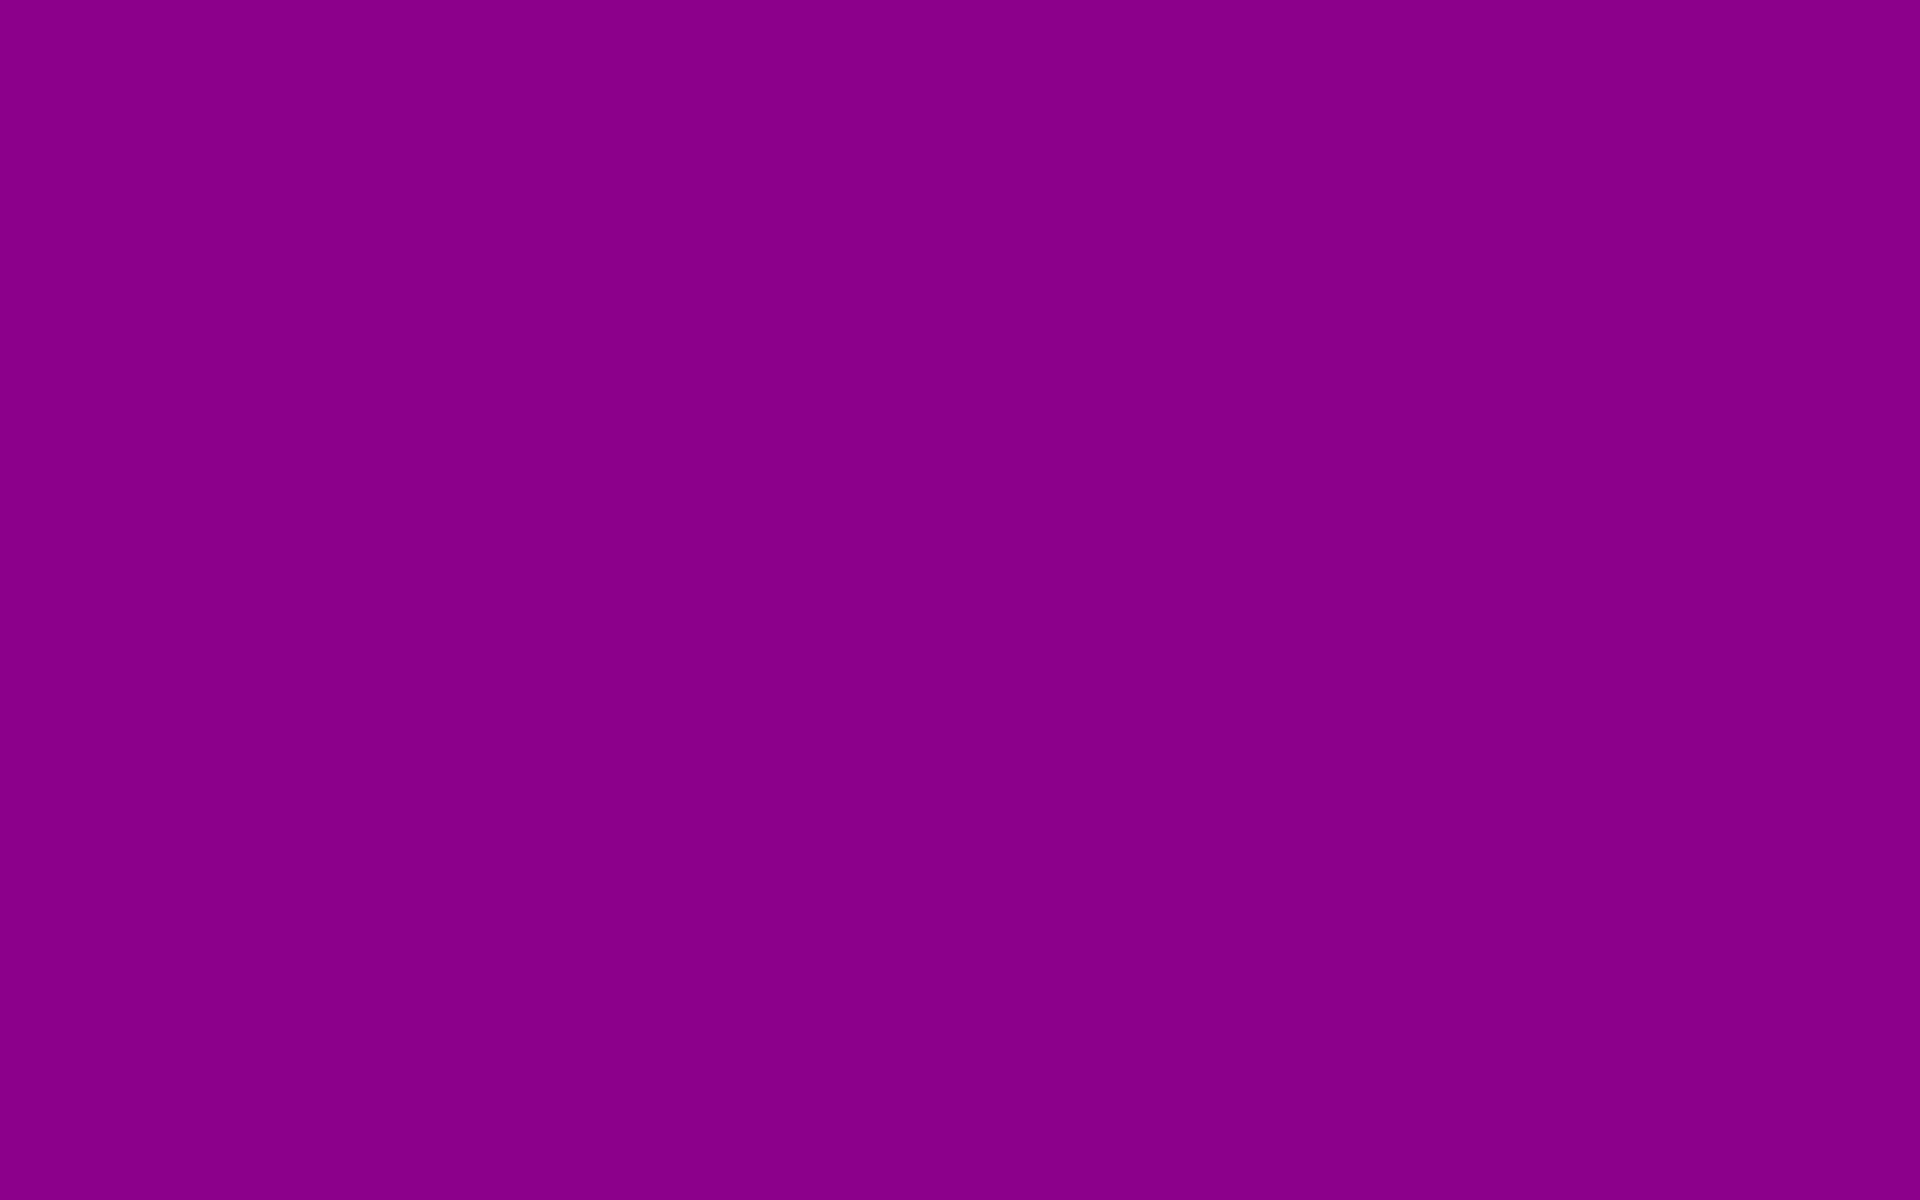 1920x1200 Dark Magenta Solid Color Background